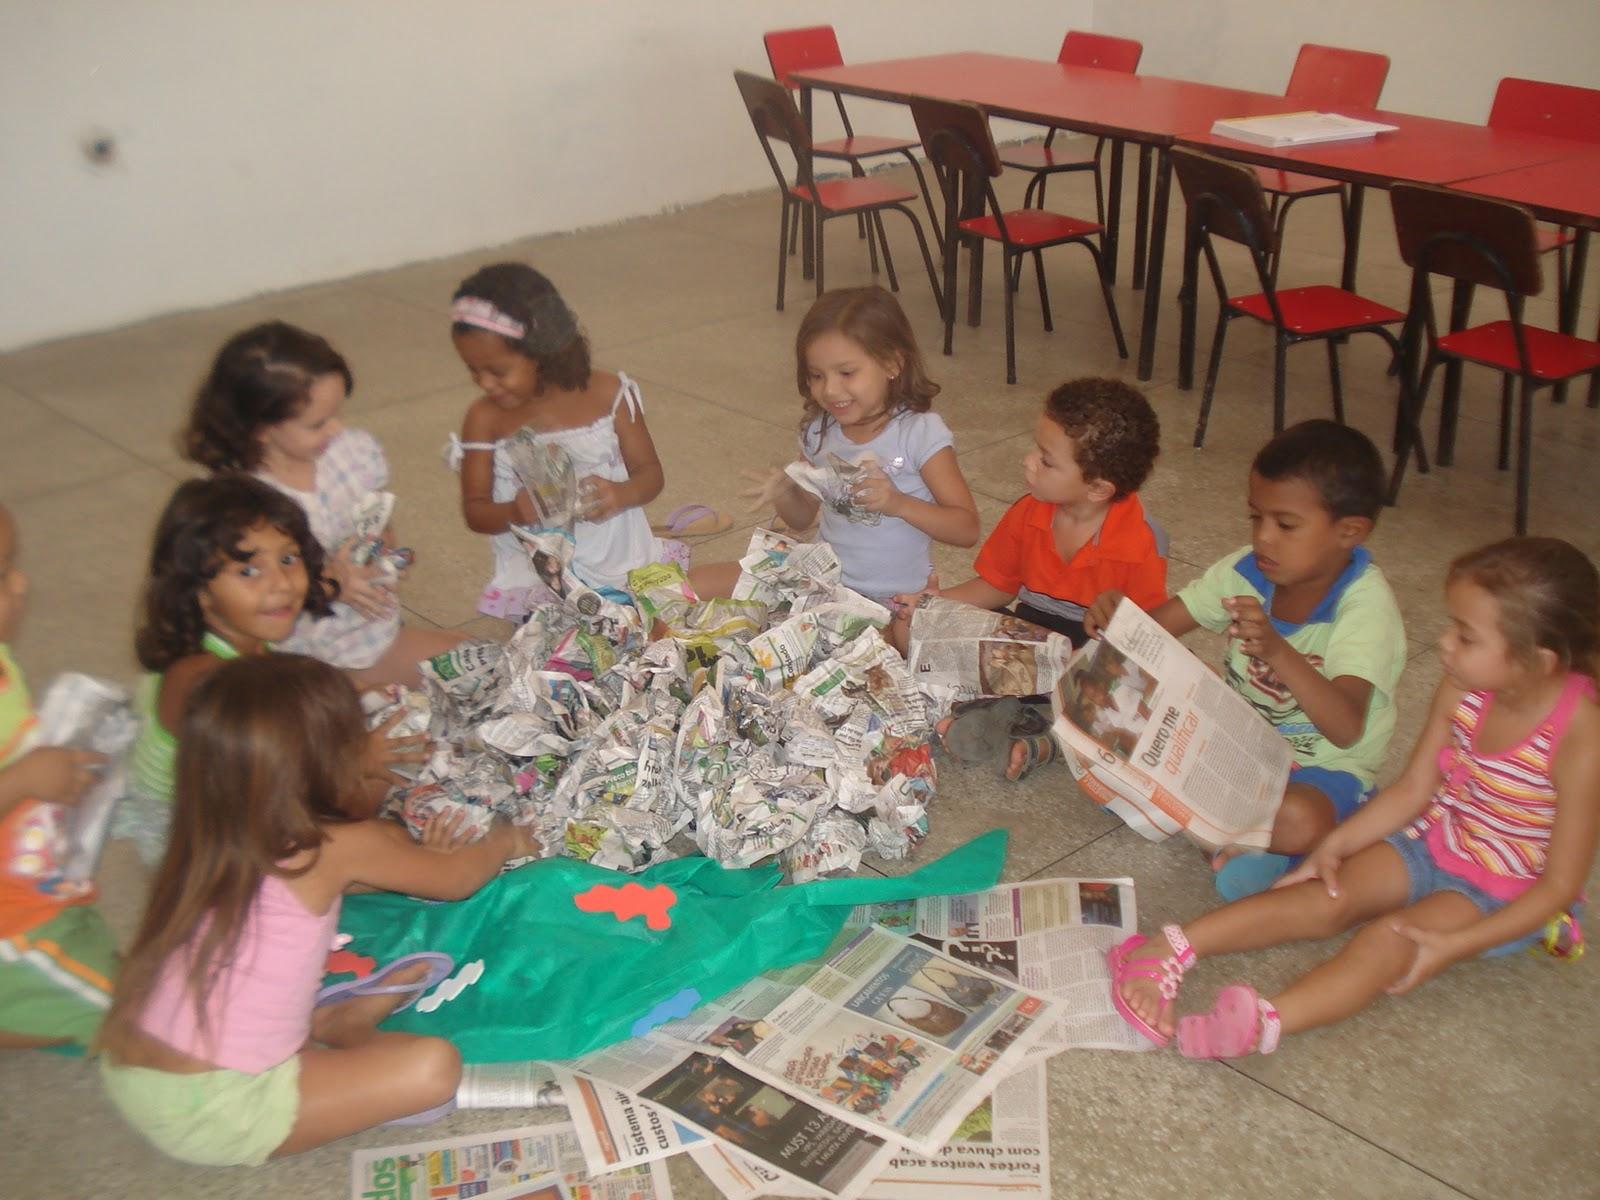 JOÃO CARLOS DA MOTA E SILVA: Projeto DINOSSAURO Educação Infantil #17B292 1600 1200